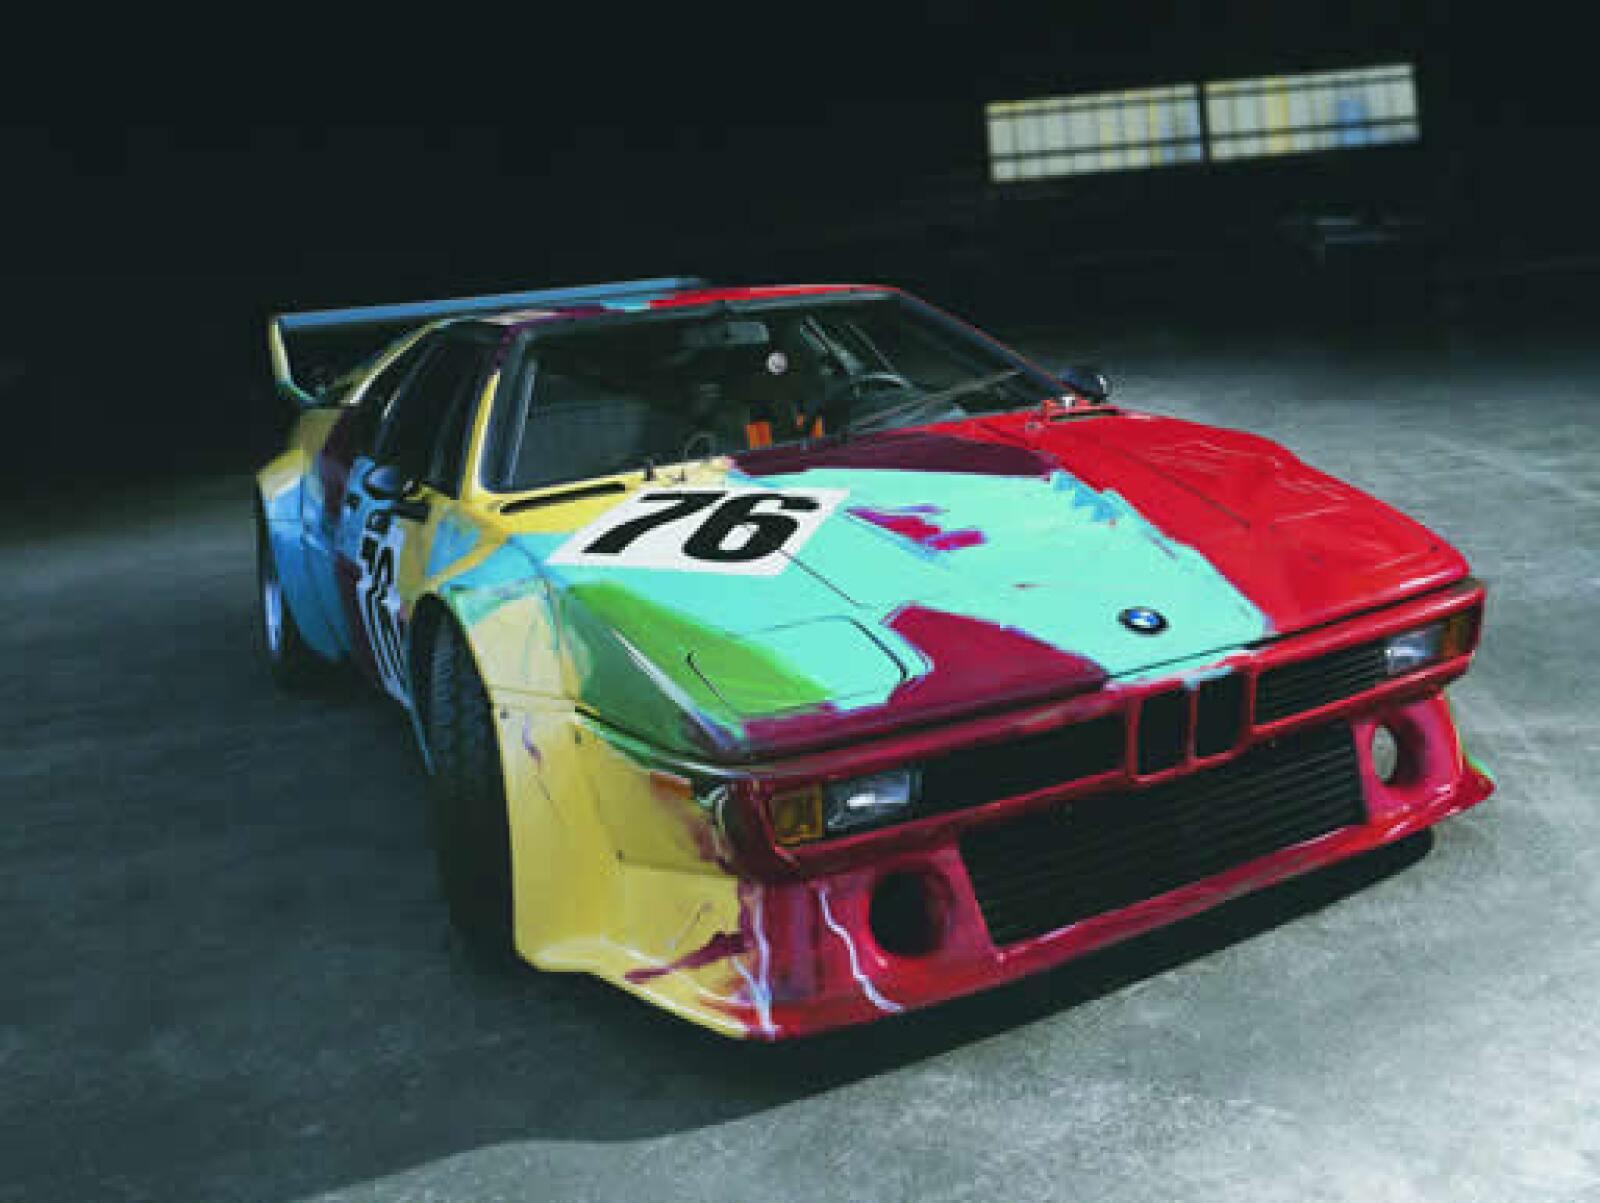 BMW M1, este auto es una obra de arte la cual fue pintada por Warhol en unos 22 minutos.